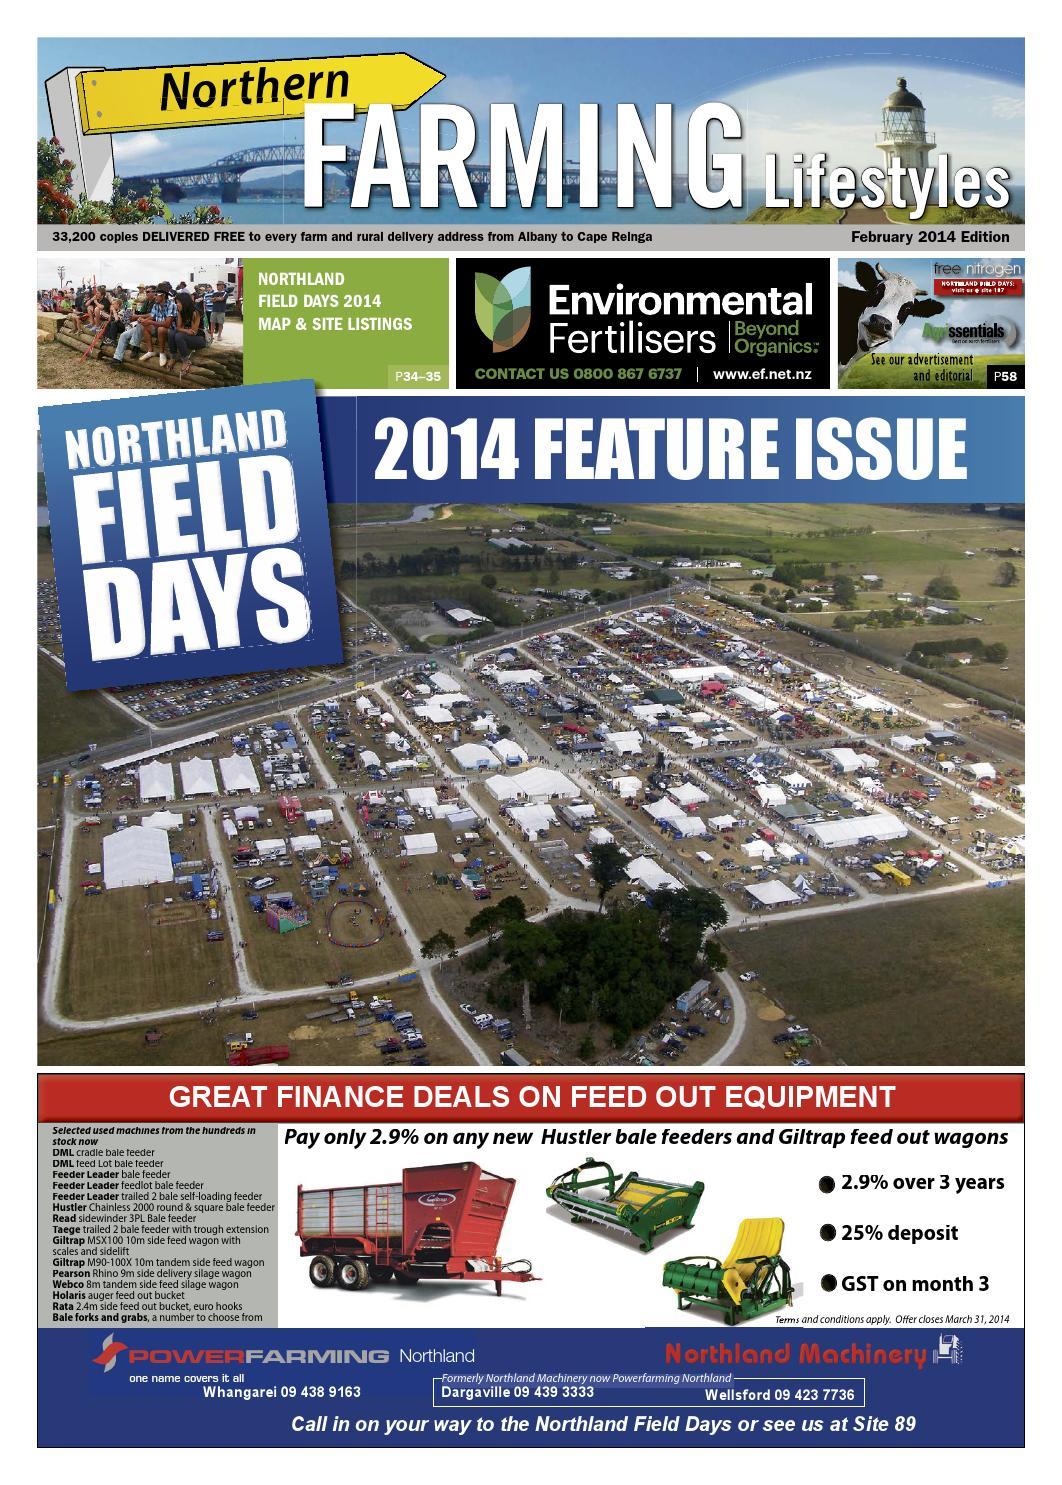 Northern Farming Lifestyles, February 2014 by NorthSouth Multi Media Ltd - issuu